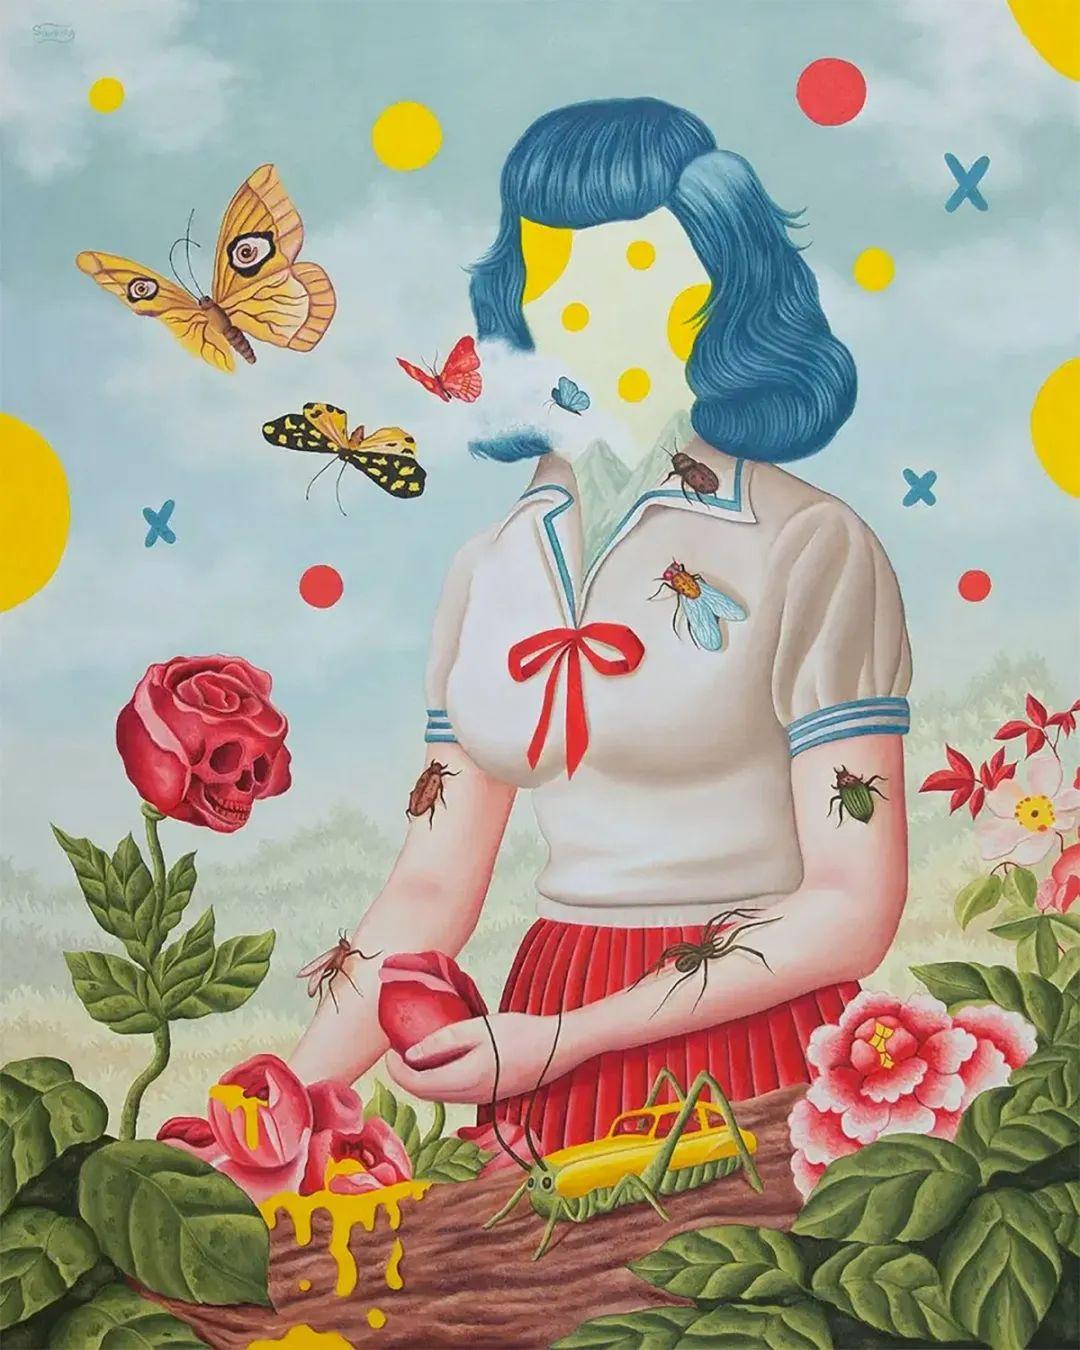 超凡的想象力,Rafael Silveira超现实主义肖像插画插图27